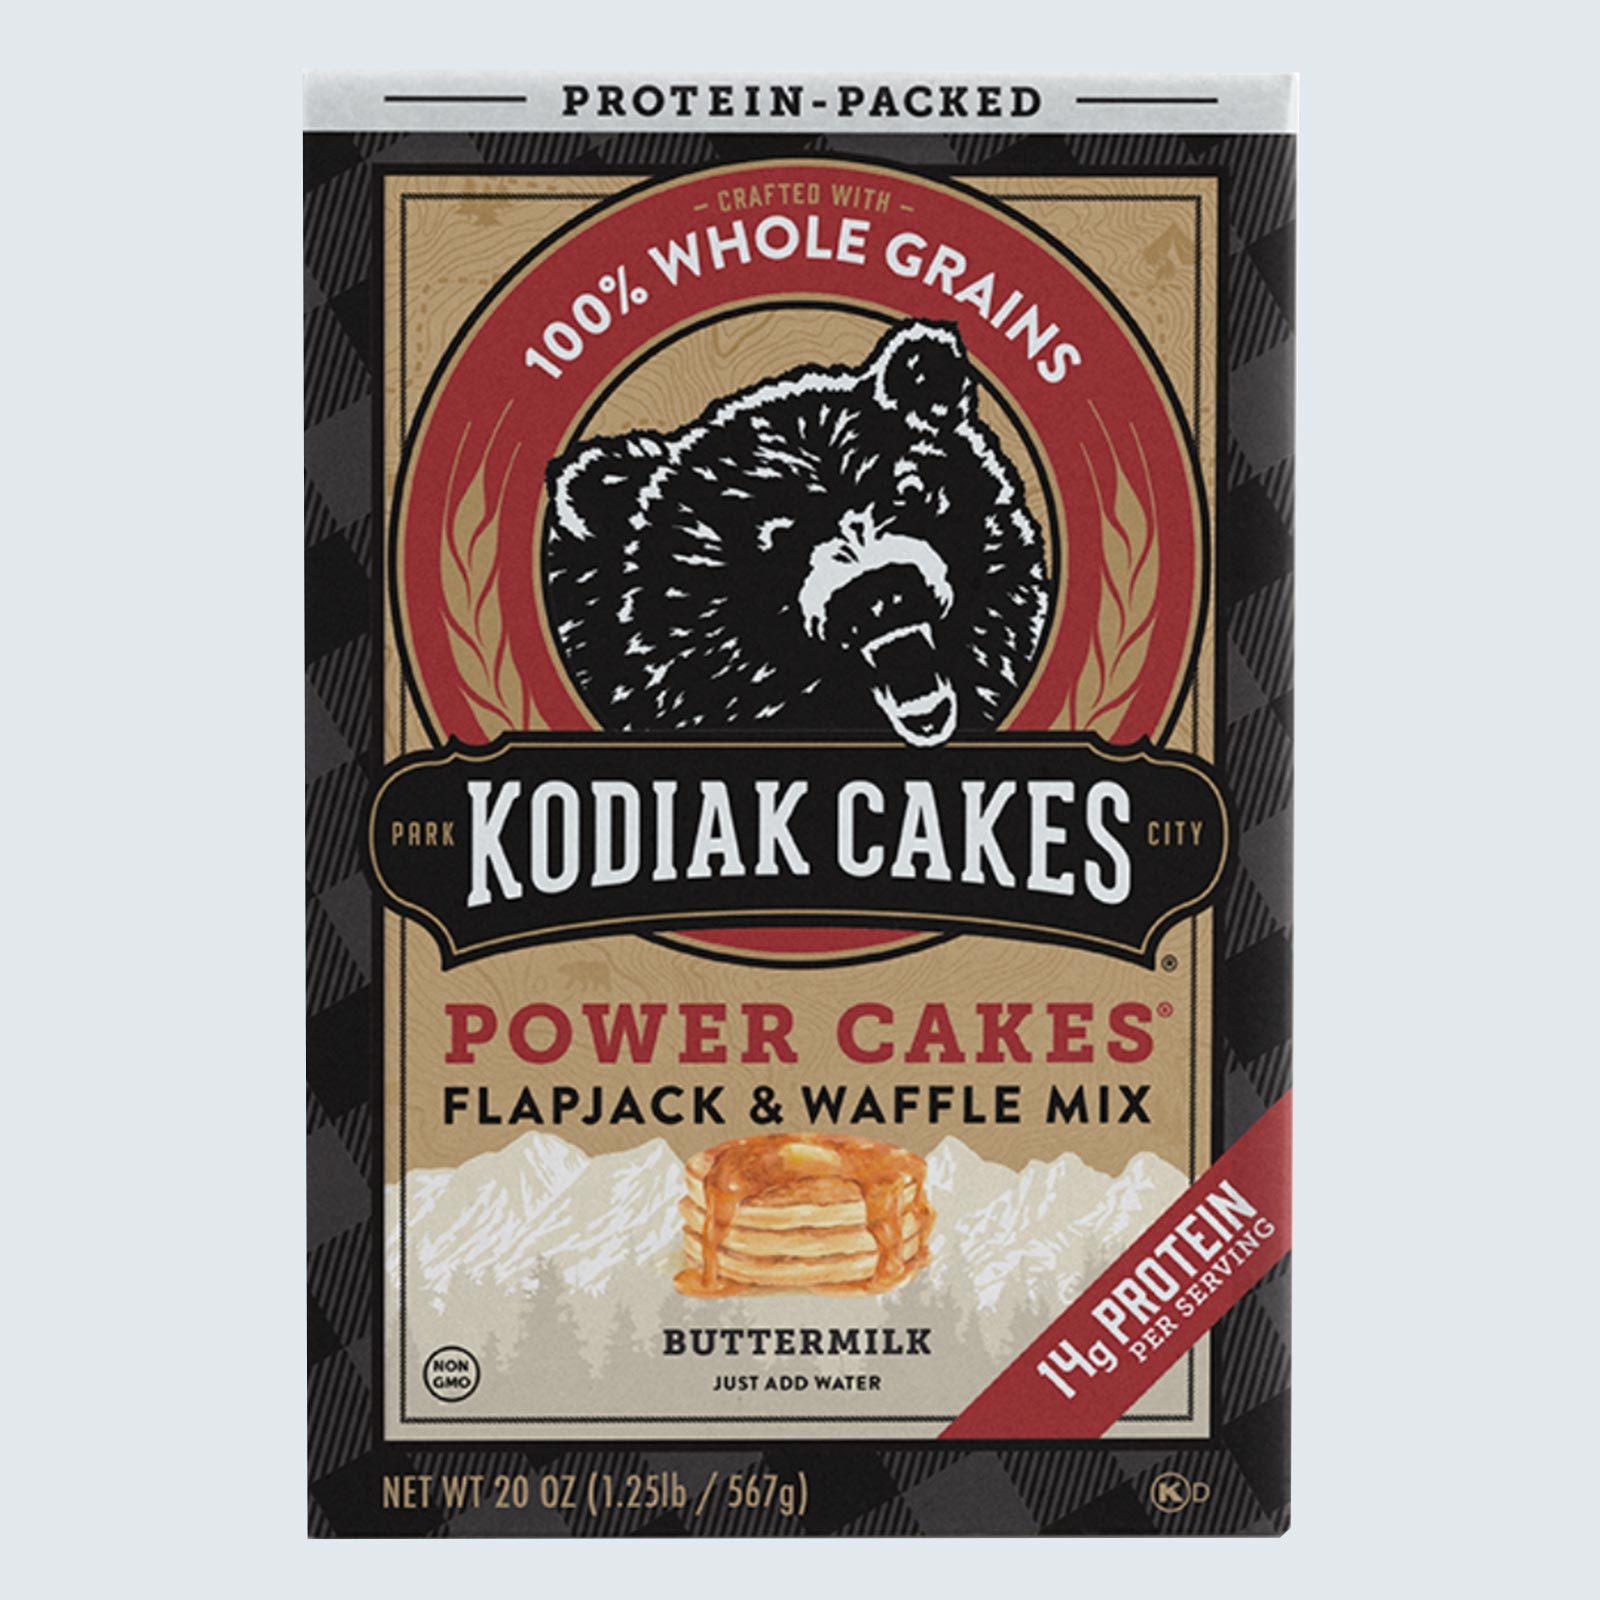 Kodiak Cakes Power Cakes Pancake and Waffle Mix